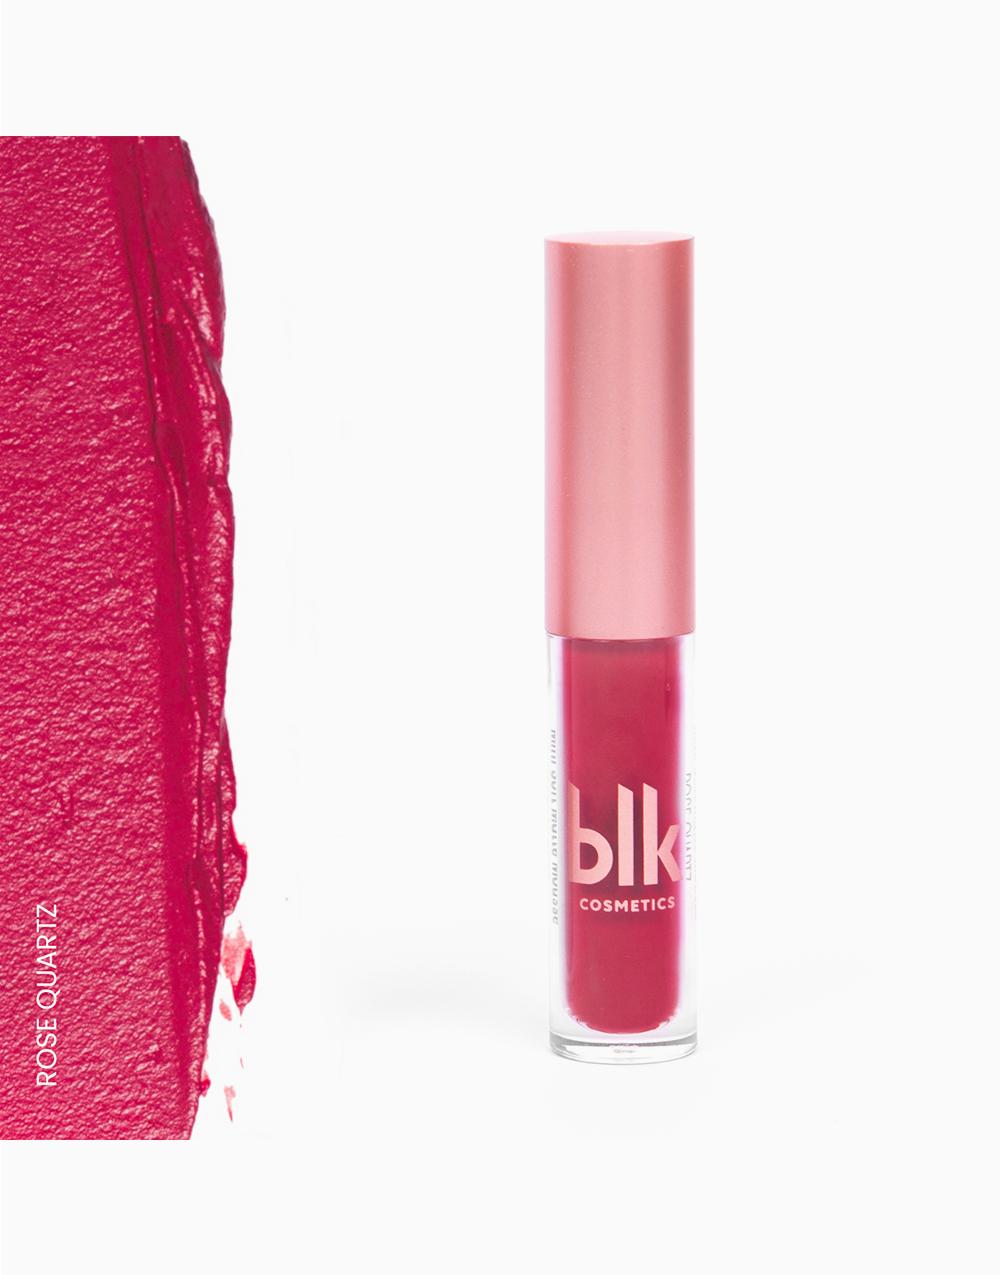 Mini Soft Matte Mousse by BLK Cosmetics | Rose Quartz